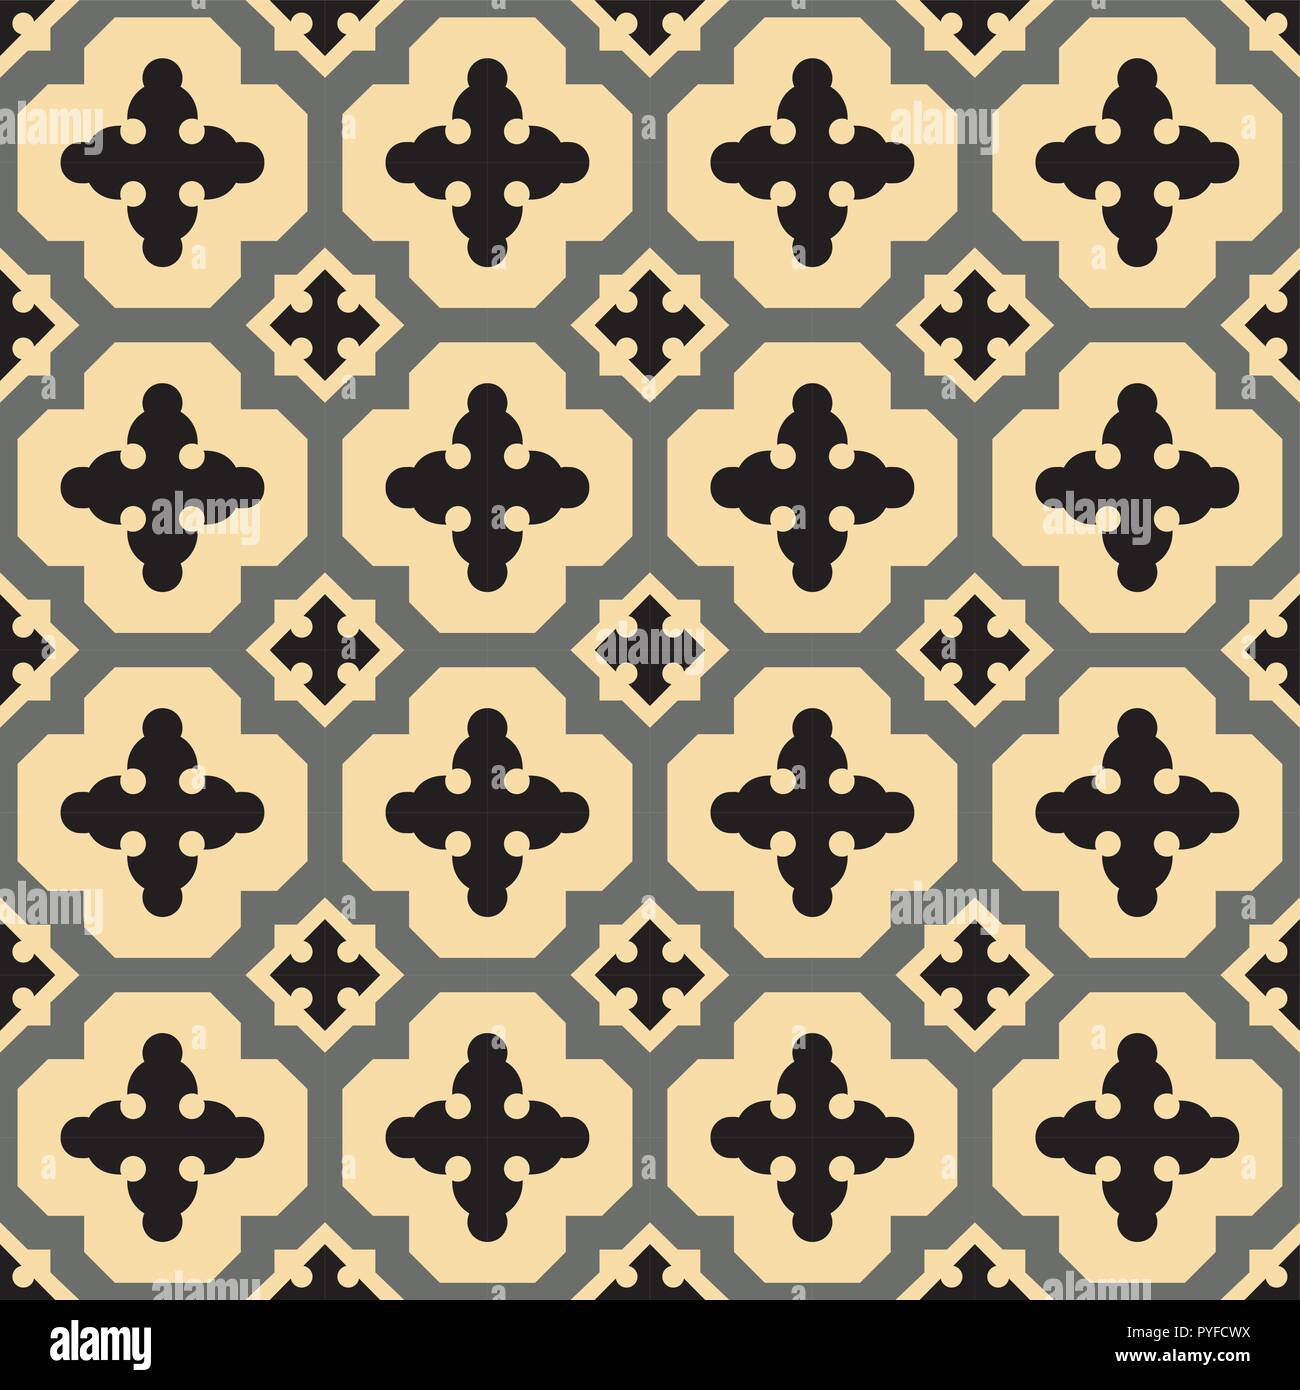 Fliesen Im Spanischen Stil Muster, Die In Der Regel In Fliesen In Spanien,  Portugal Und Anderen Ländern Des Mittelmeerraums Verwendet